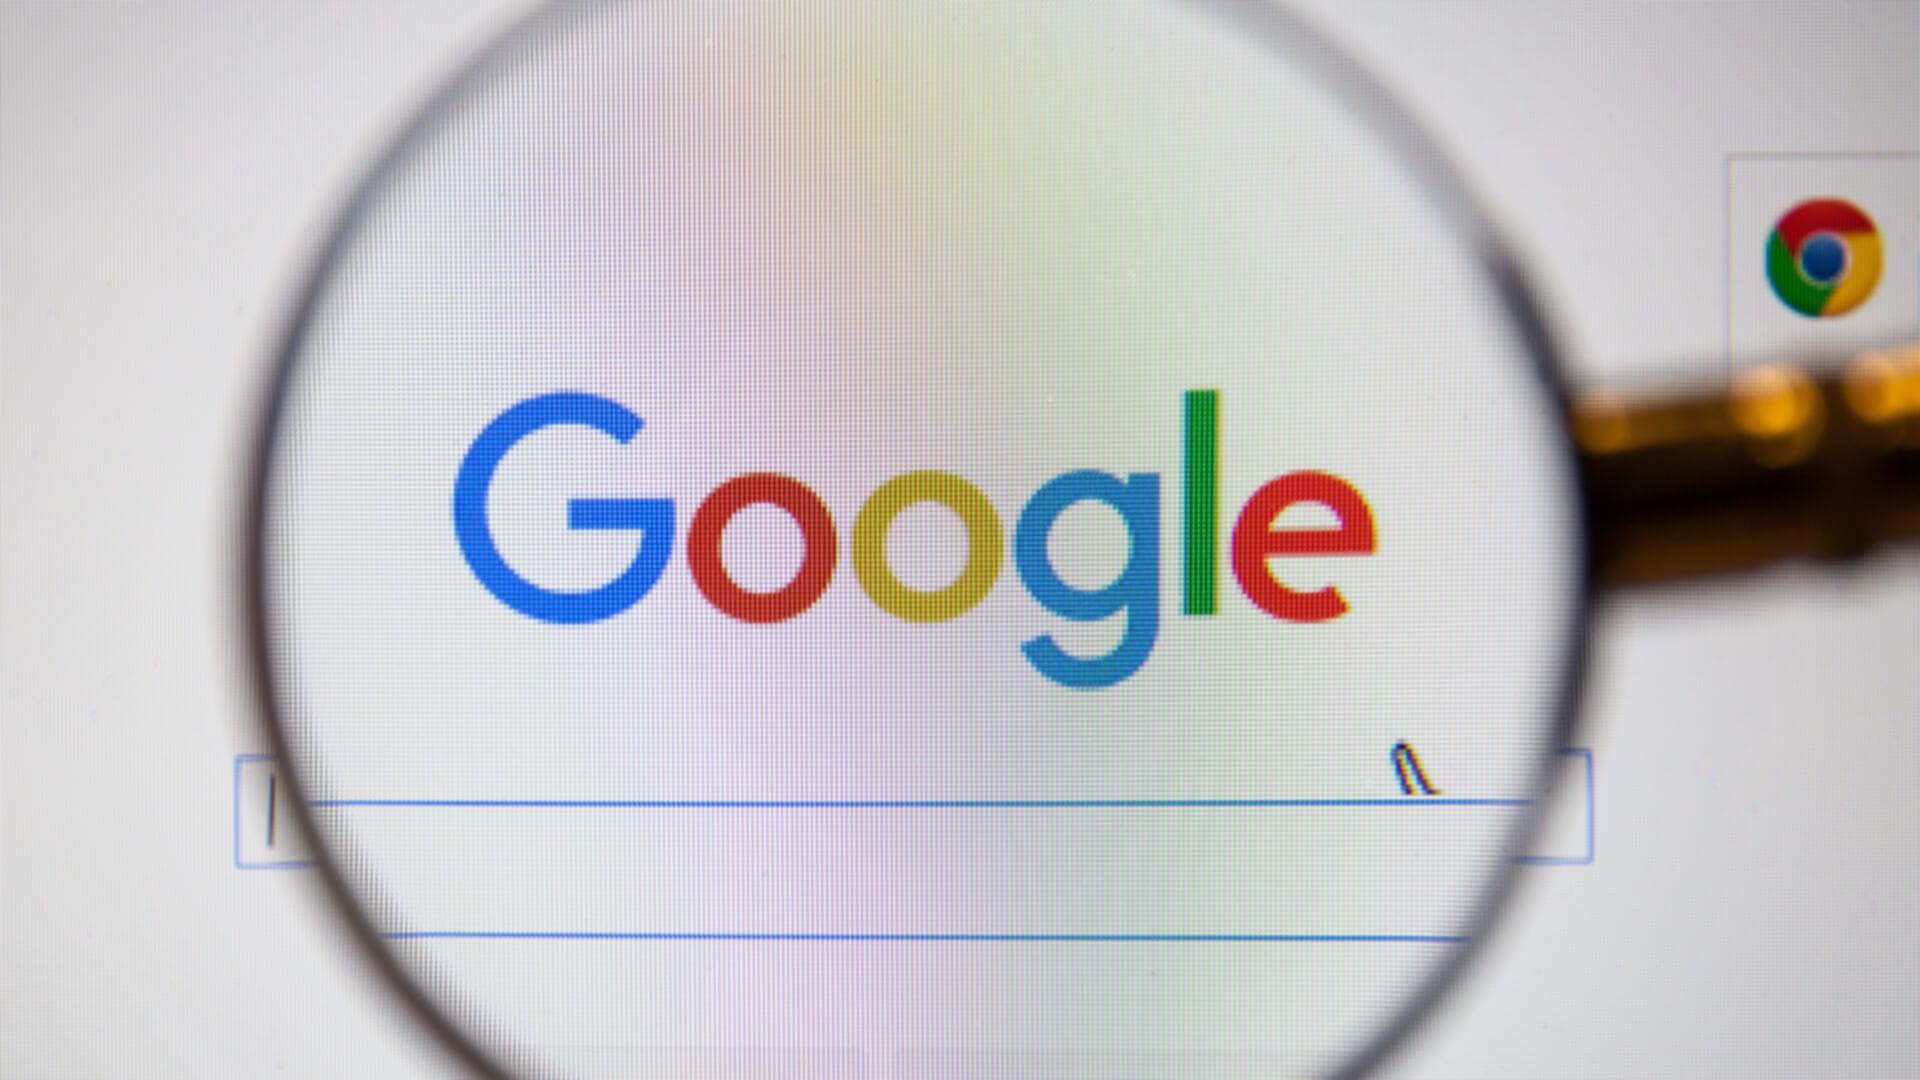 جوجل تعلن عن أكثر ما تم البحث عنه في 2016